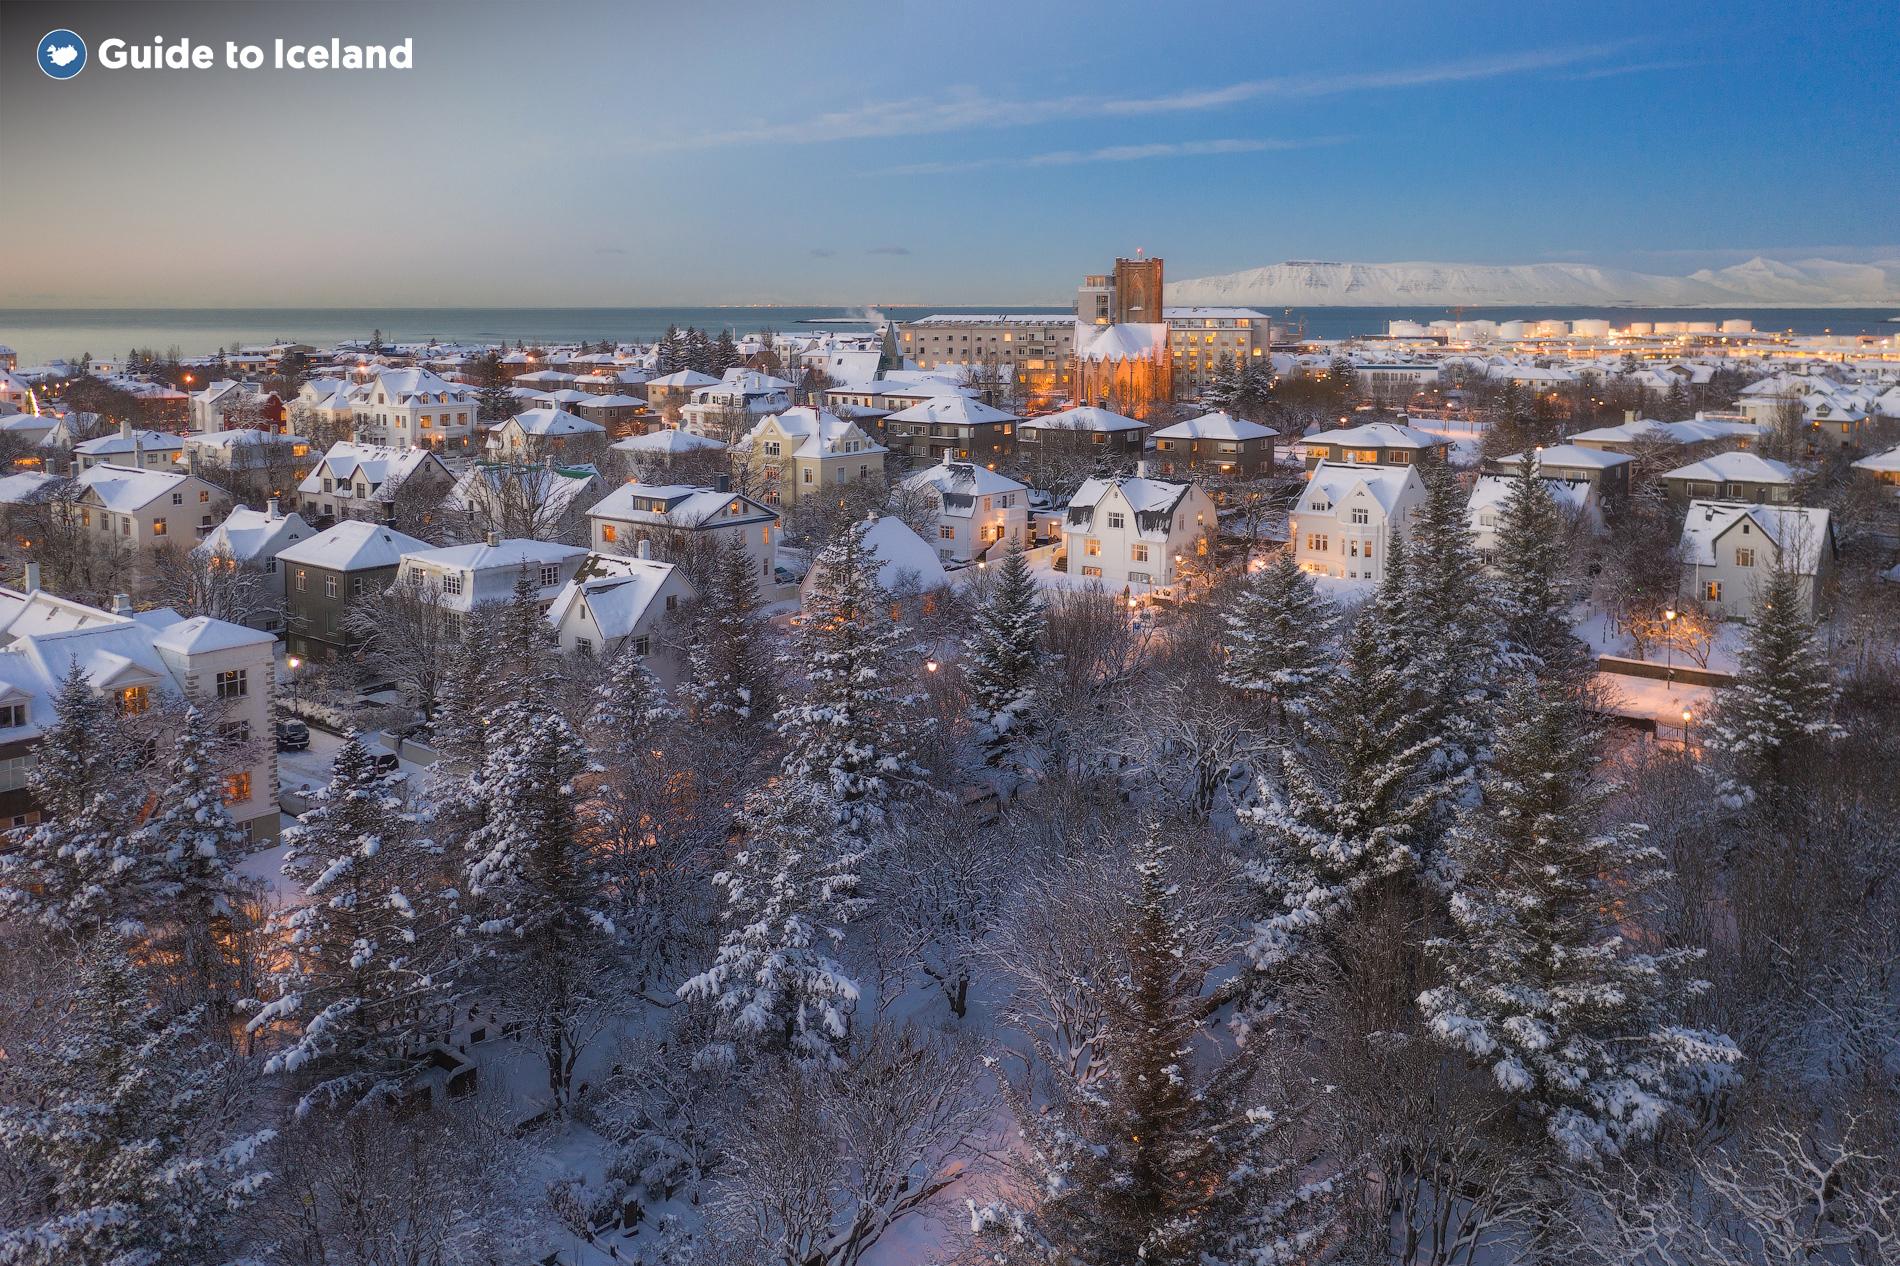 Attraverso il lago ghiacciato di Tjörnin, i visitatori possono ammirare il profilo innevato della città di Reykjavík.